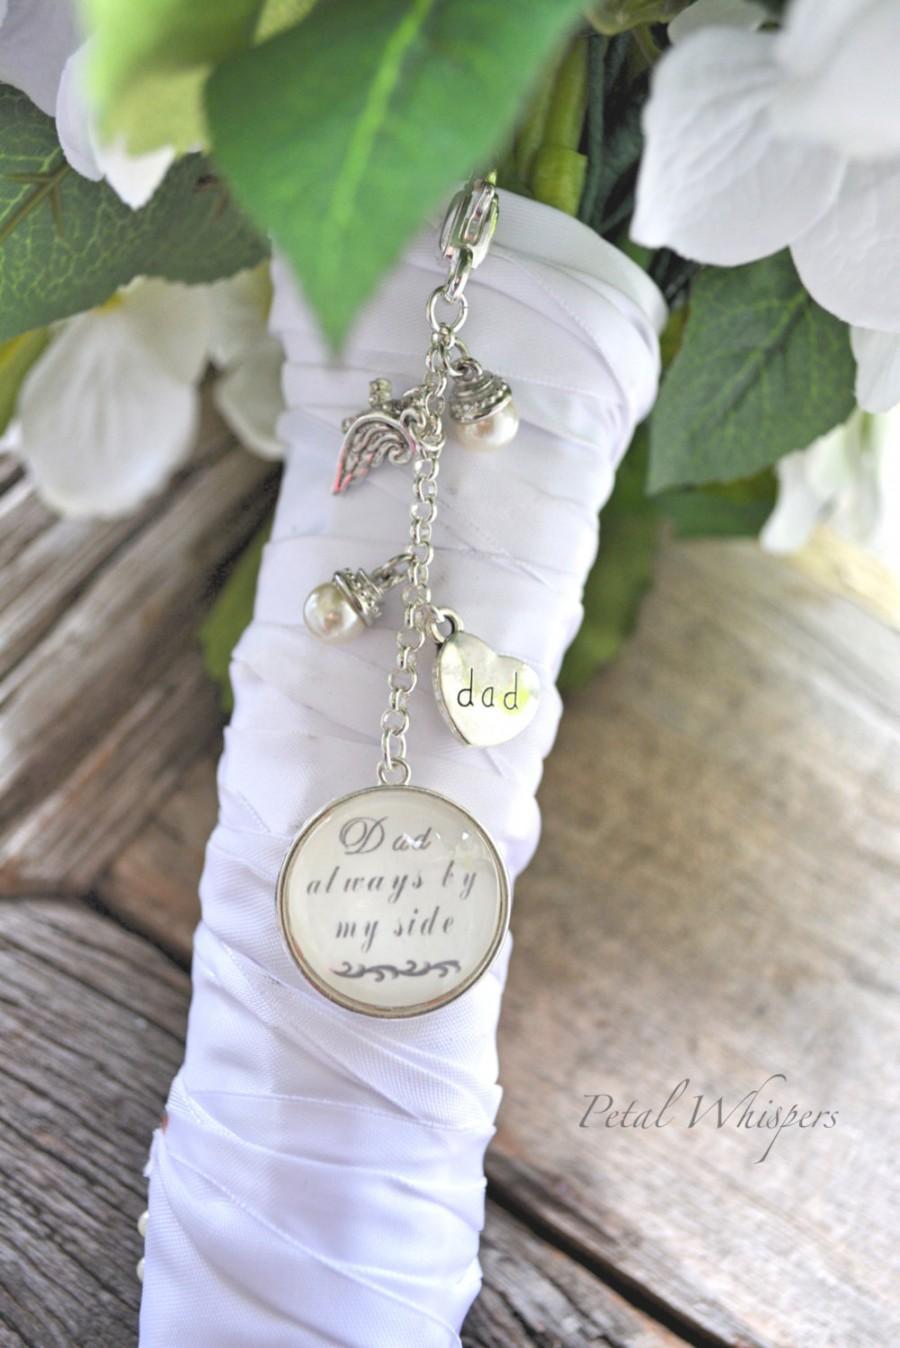 Mariage - Wedding Bouquet Charm, Bridal Bouquet Memorial Charm, Bouquet Photo Pendant, Bridal Gift, Gift For Bride, Bridal Bouquet Charm